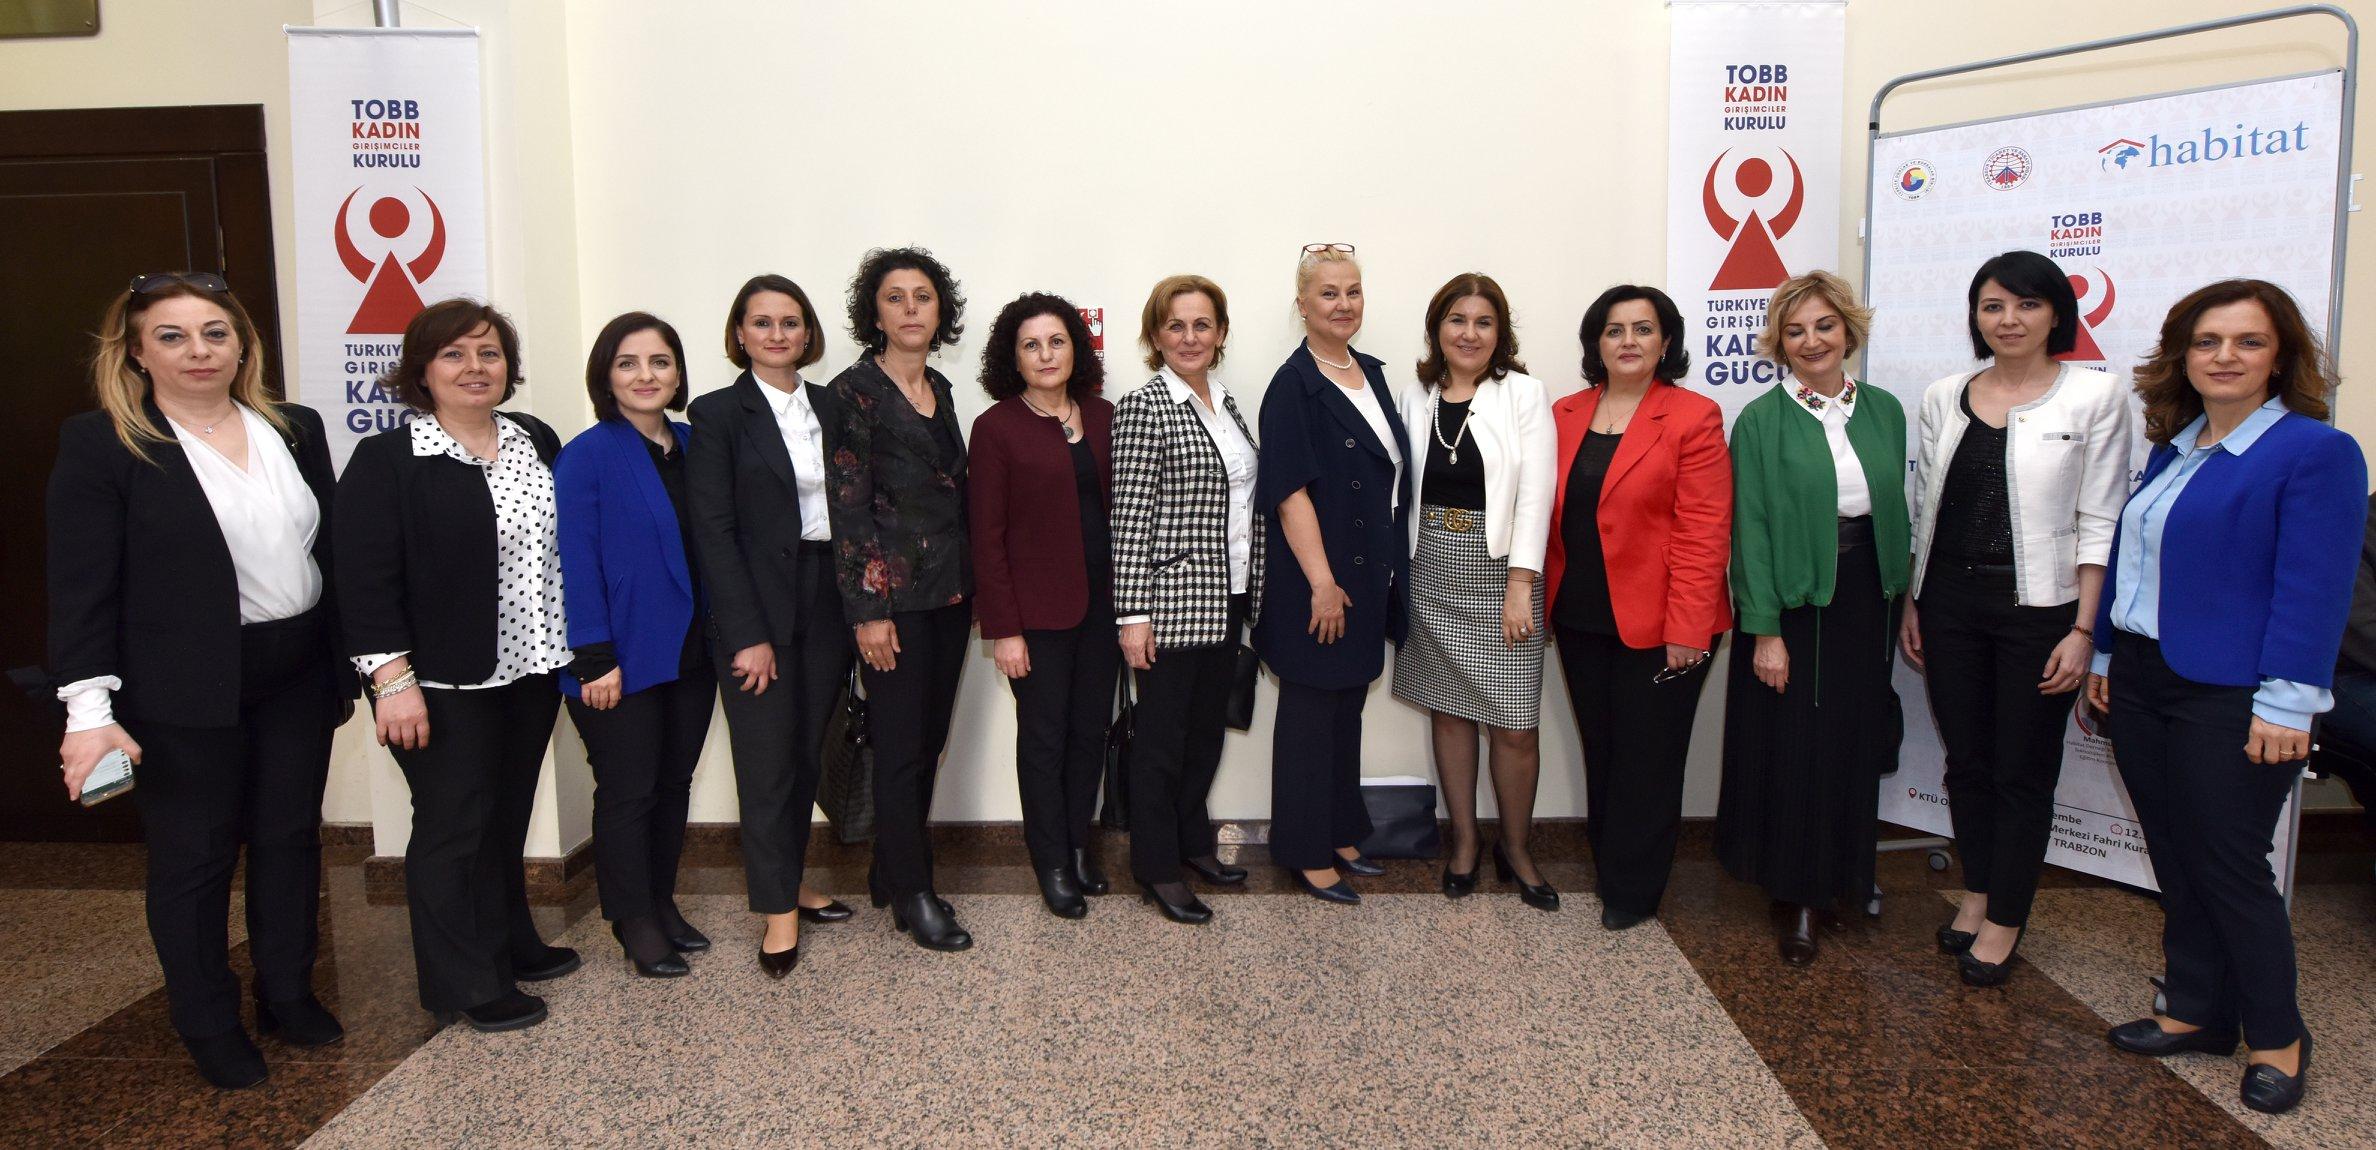 Türkiye'nin girişimci kadınları Trabzon'da buluştu